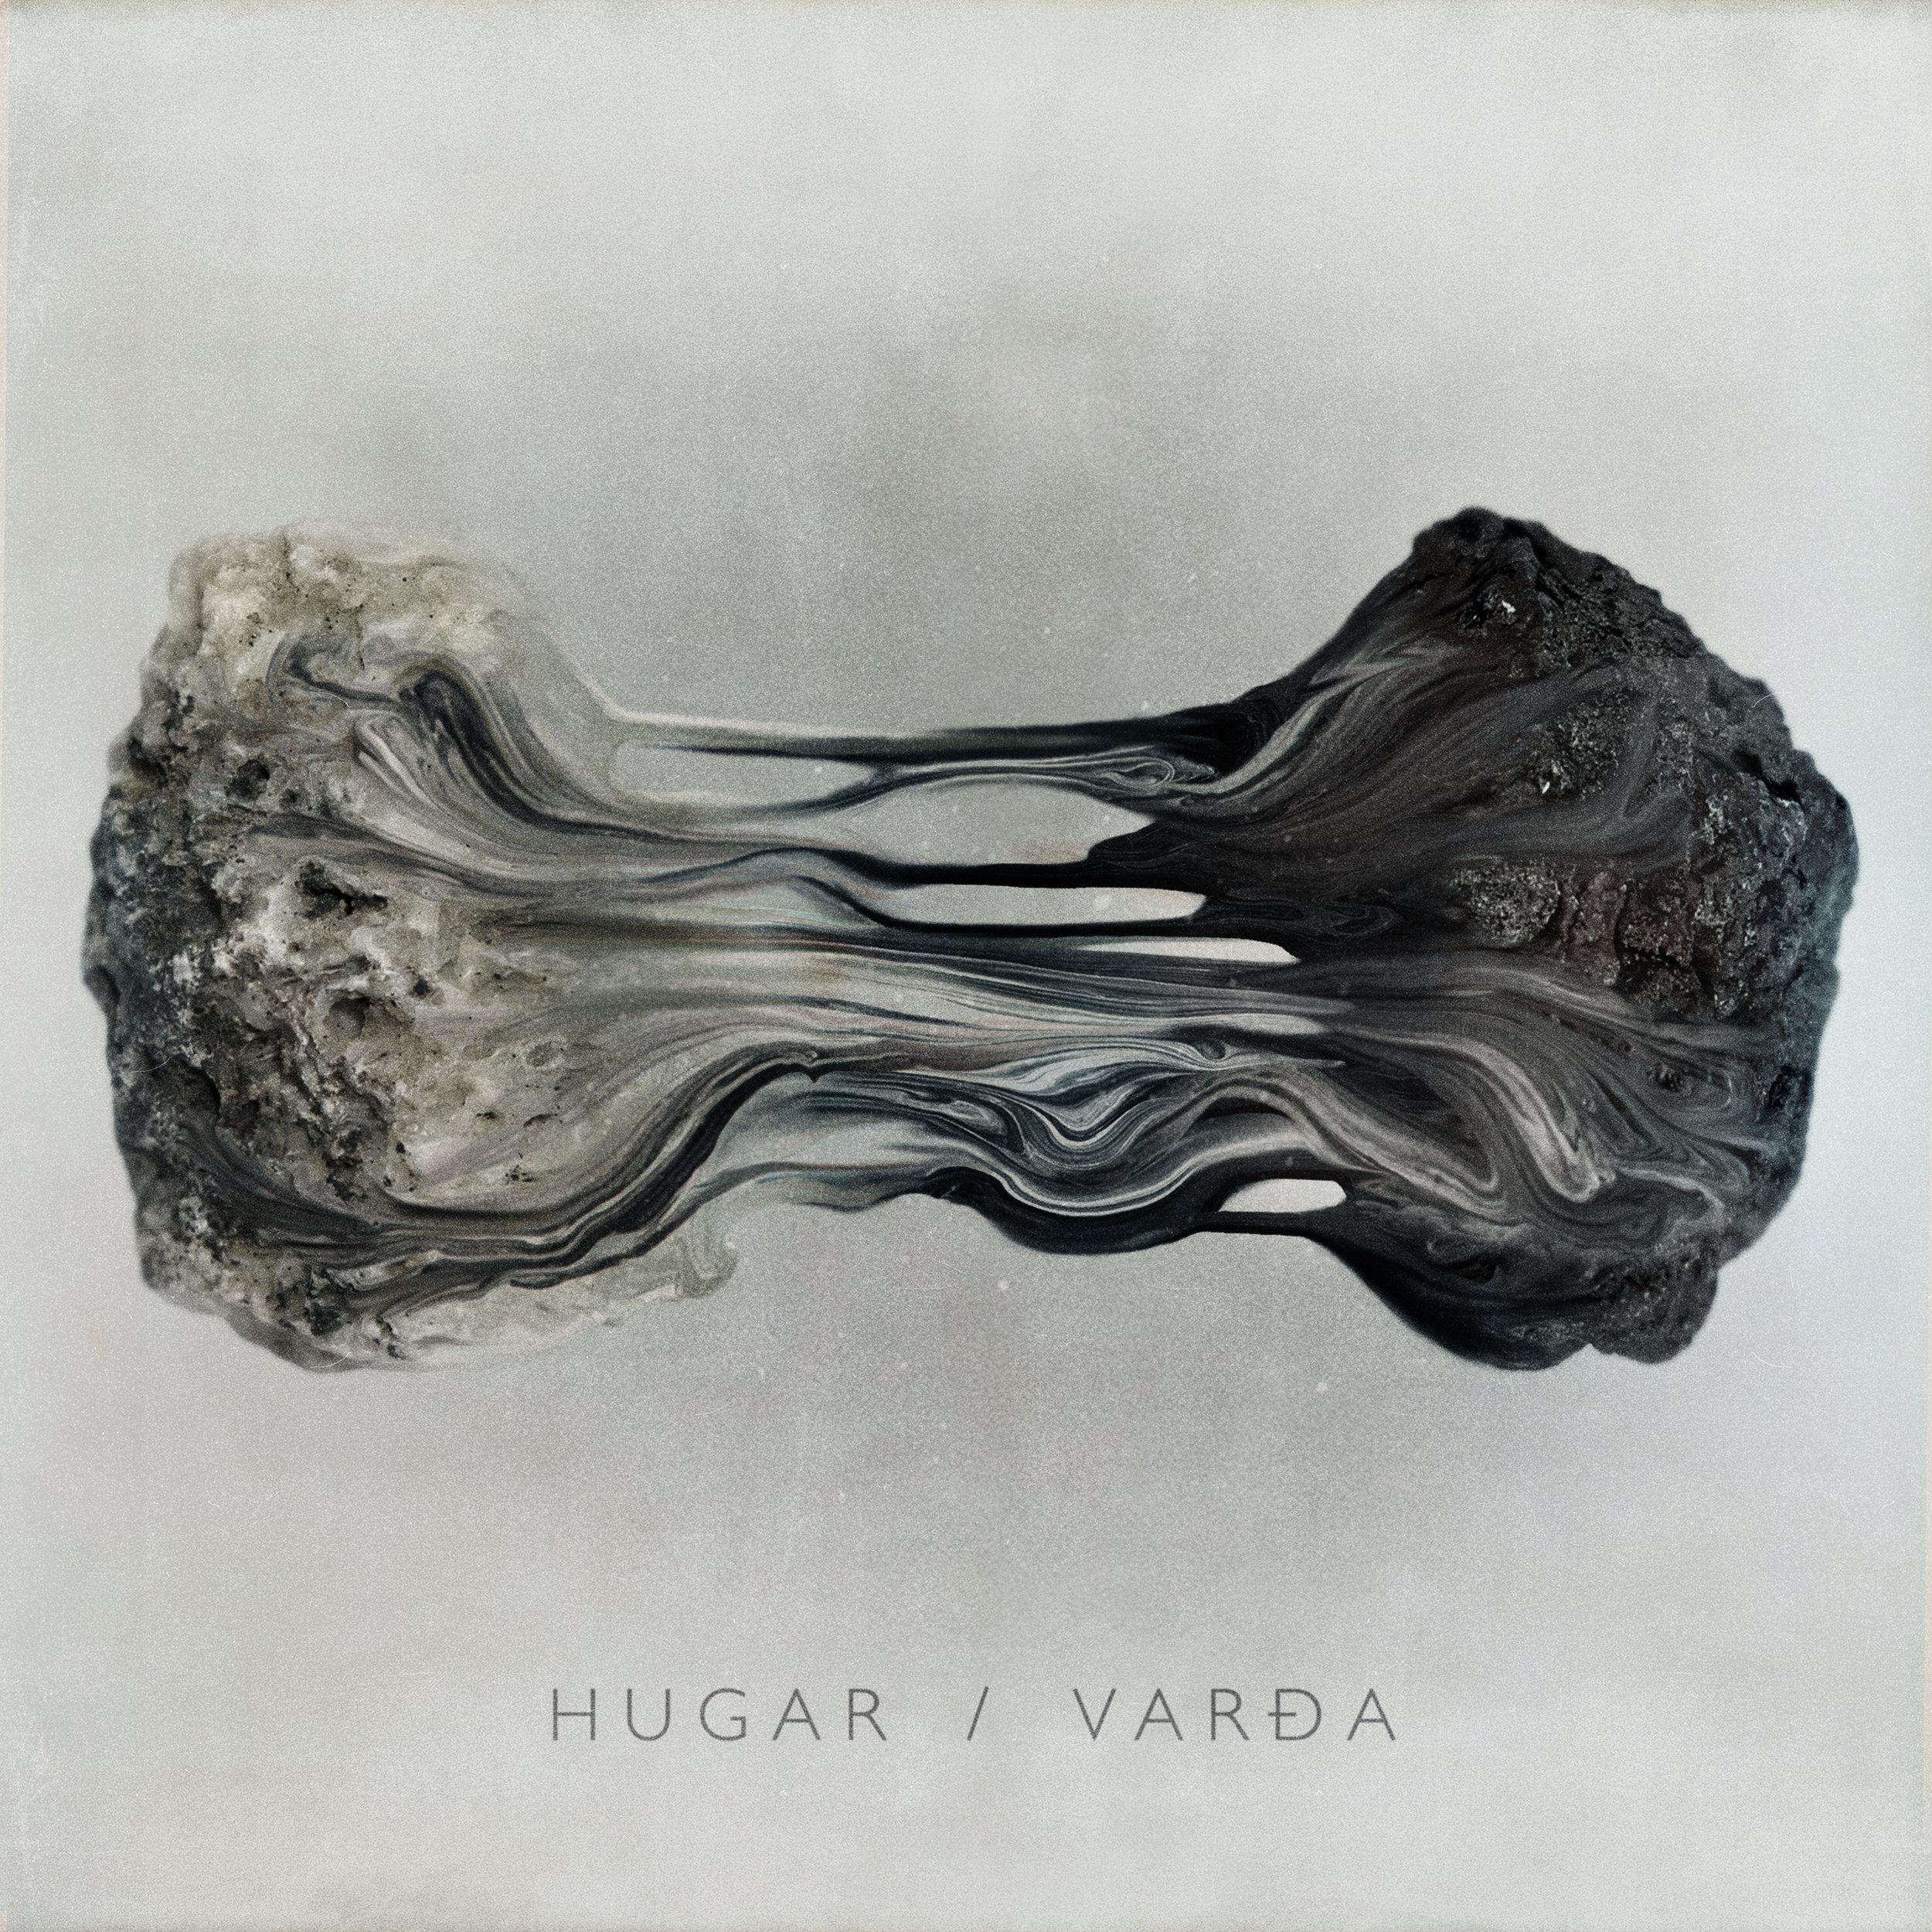 Courtesy of Hugar